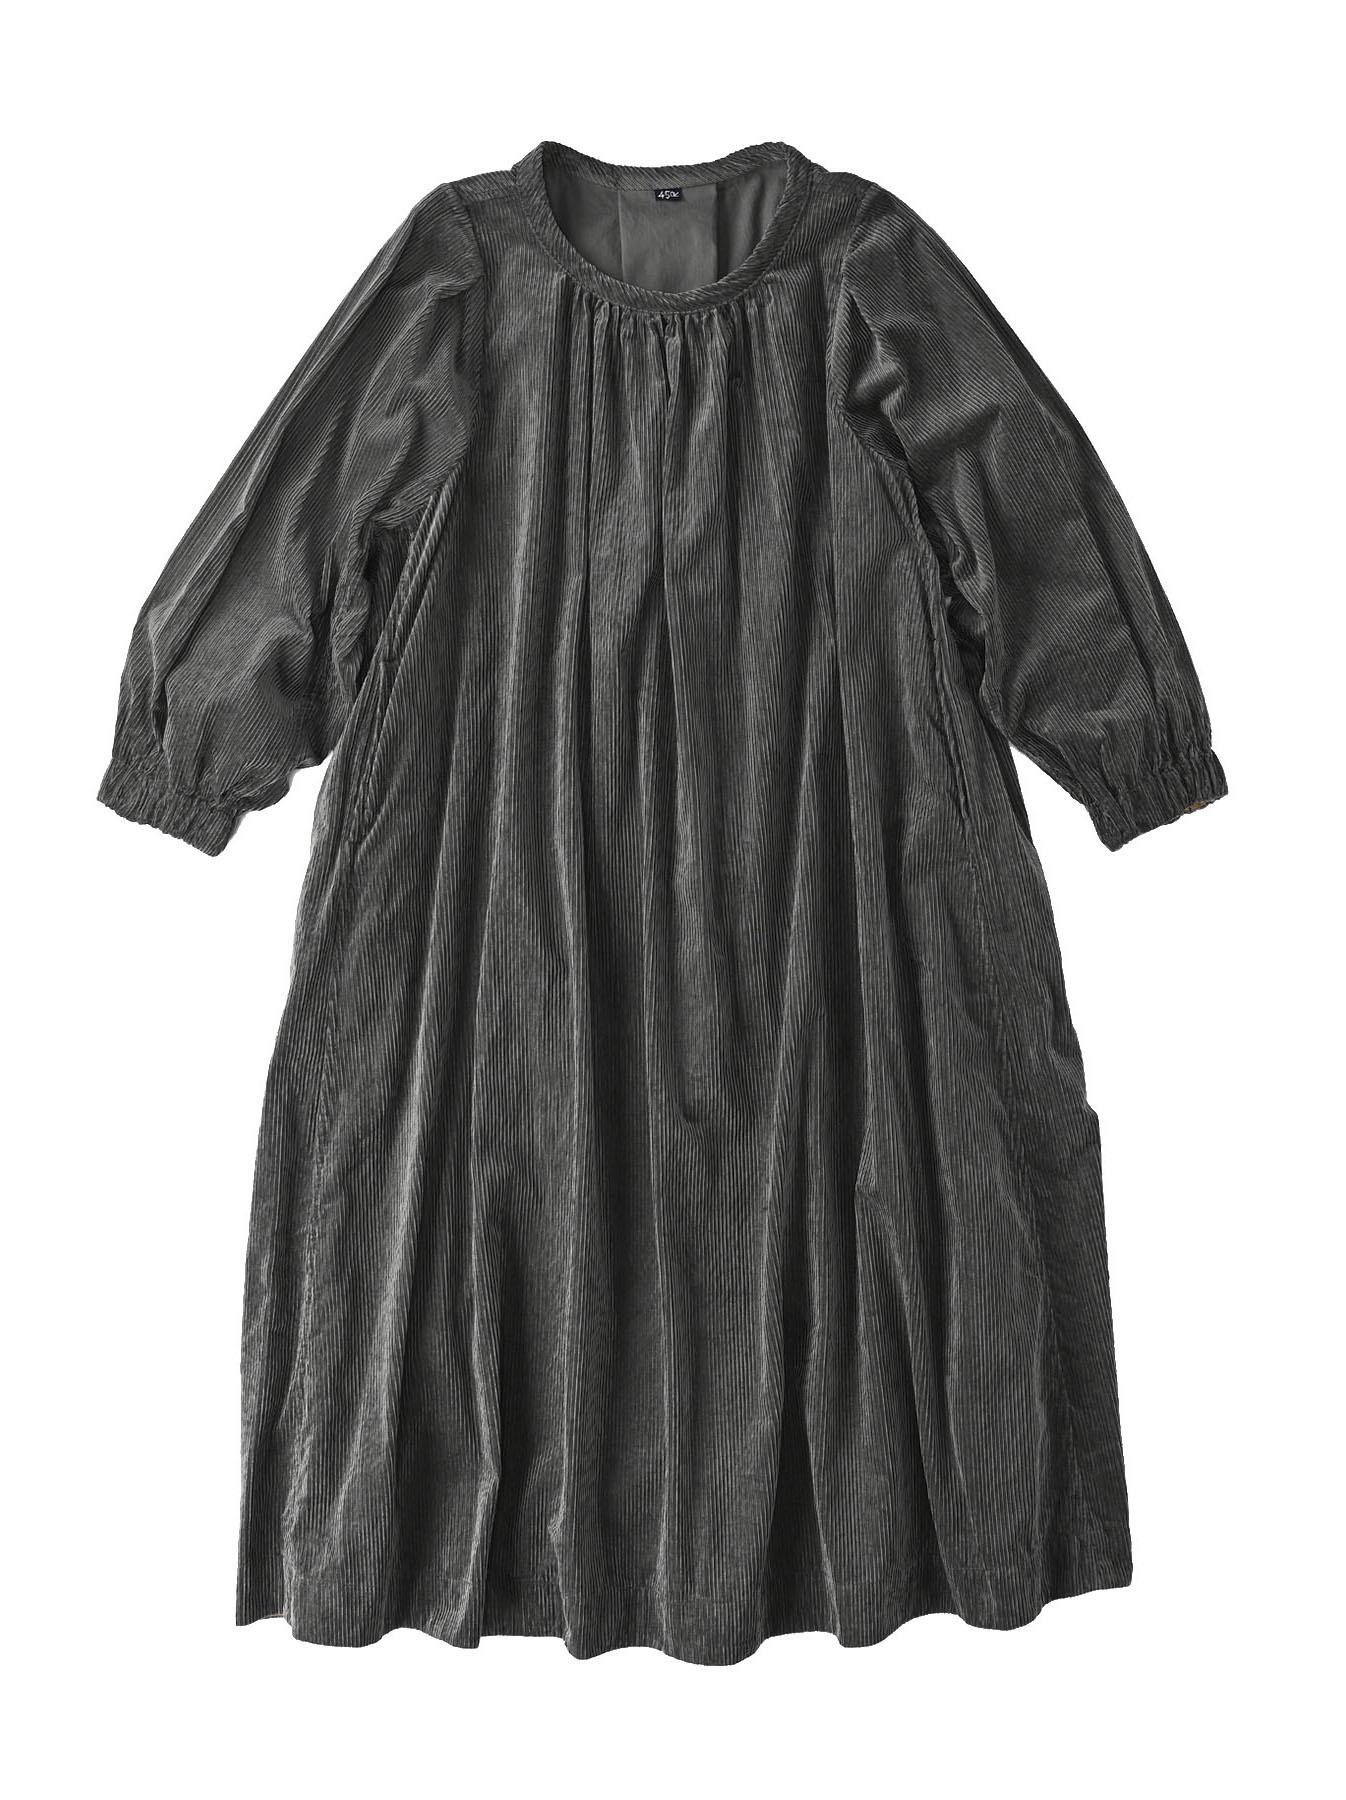 Kutekute Corduroy Gathered Dress-2